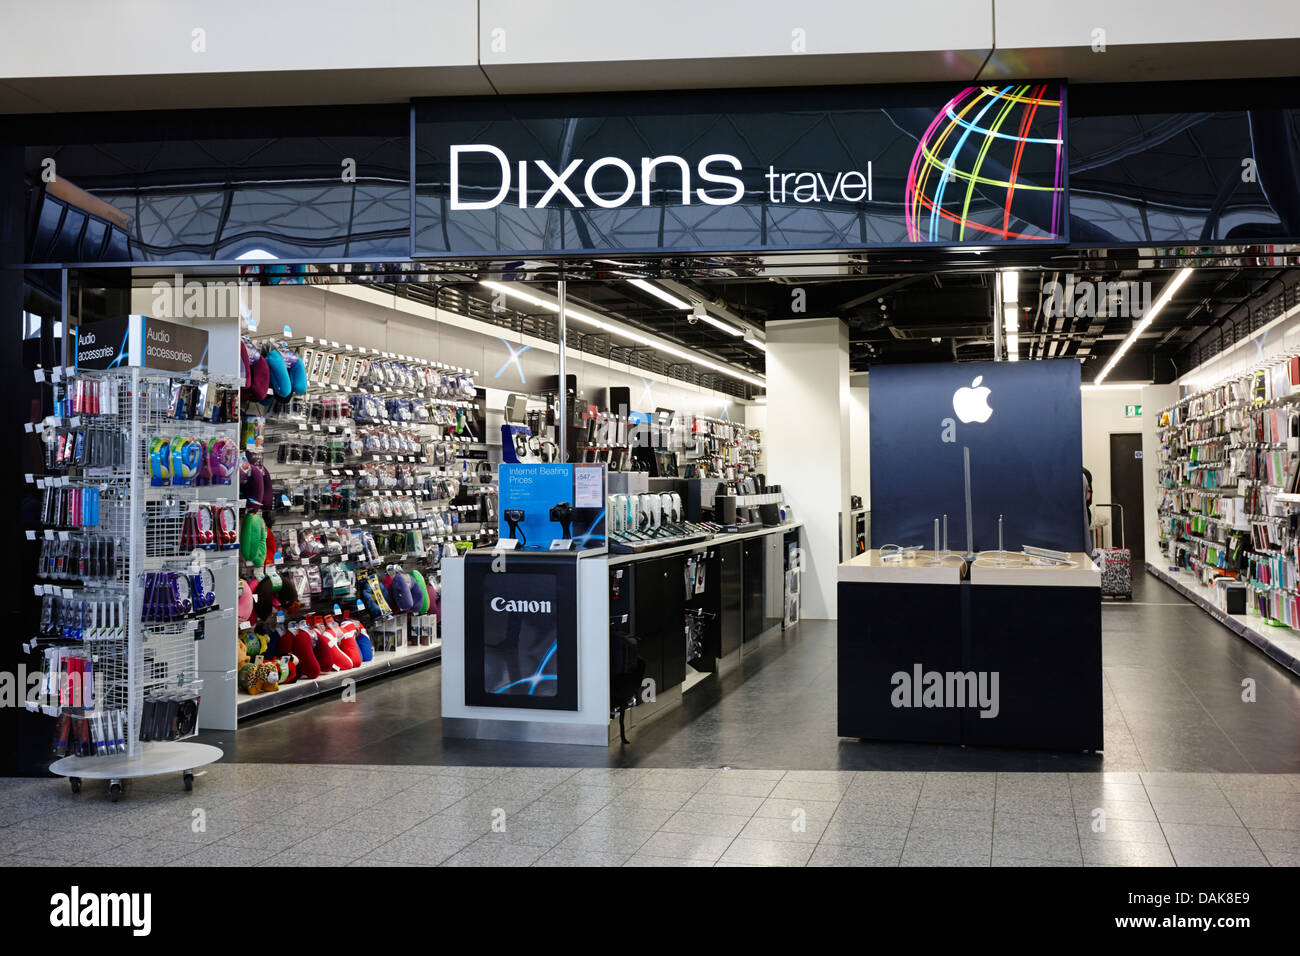 Dixons travel store Londra Stansted Essex, Inghilterra, Regno Unito Immagini Stock